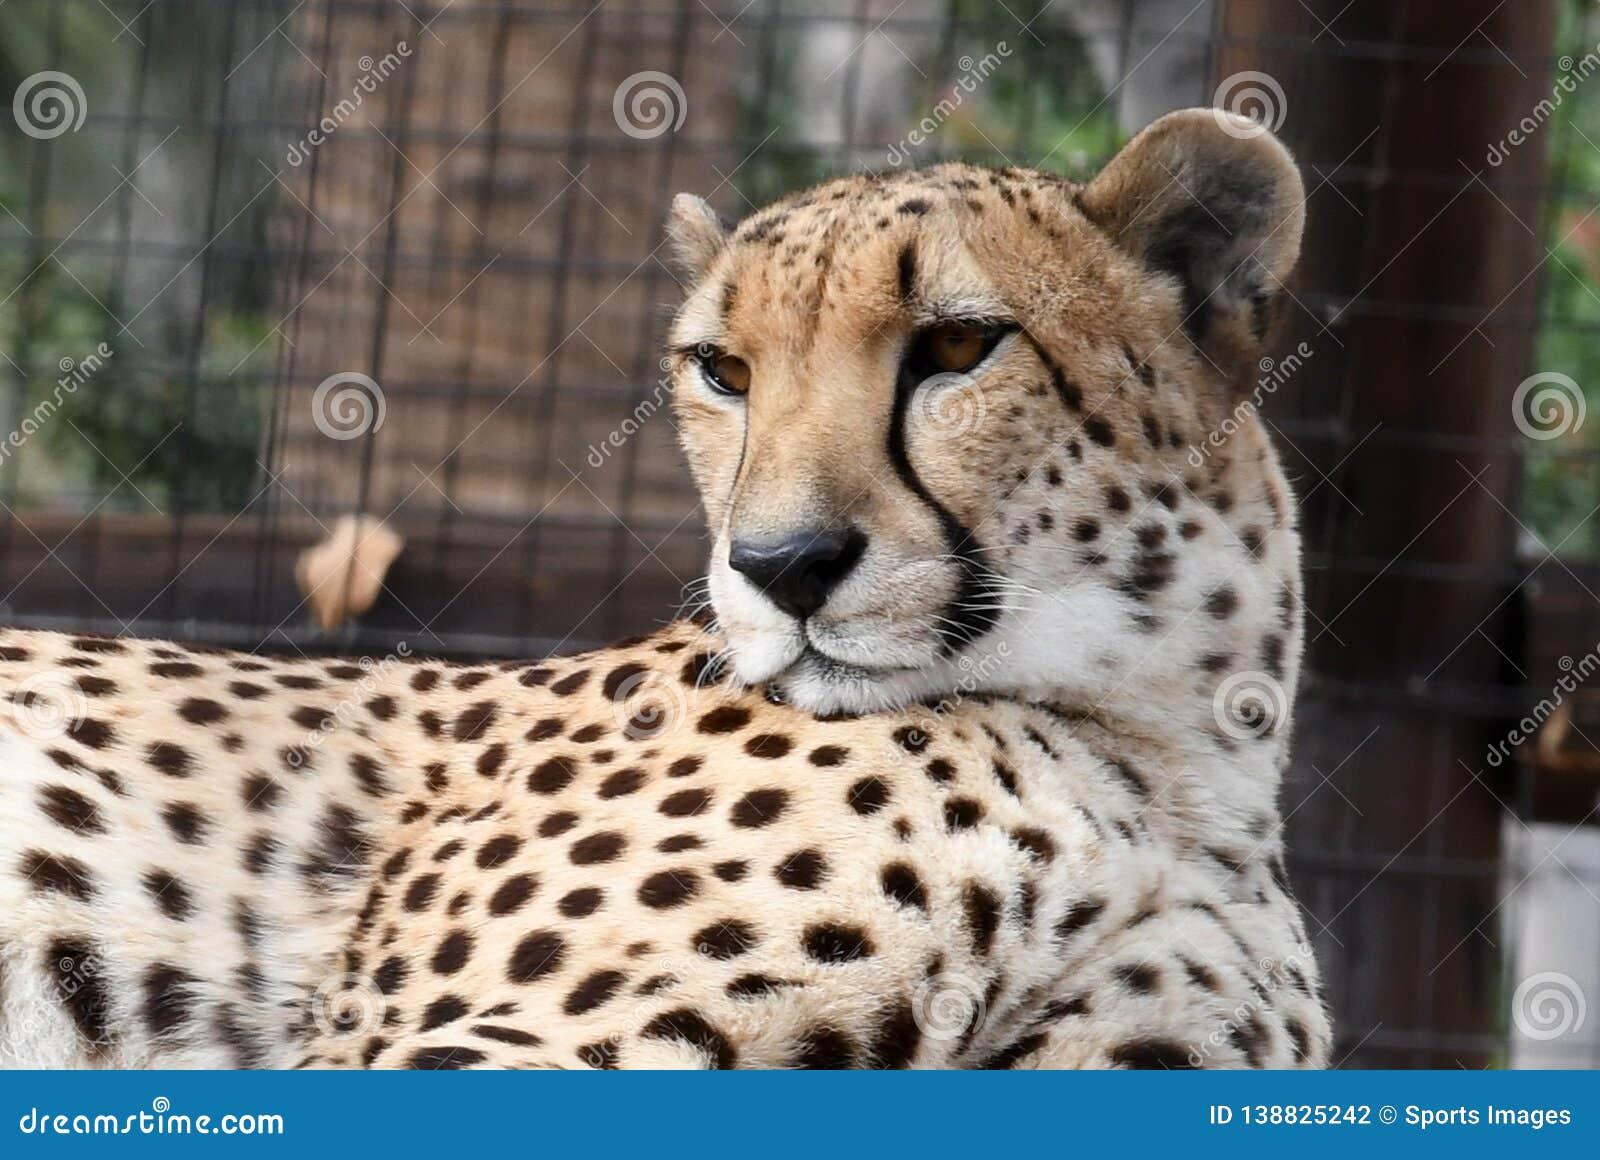 Ornamental hand drawn tiger Vector | Free Download |Iranian Cheetah Vector